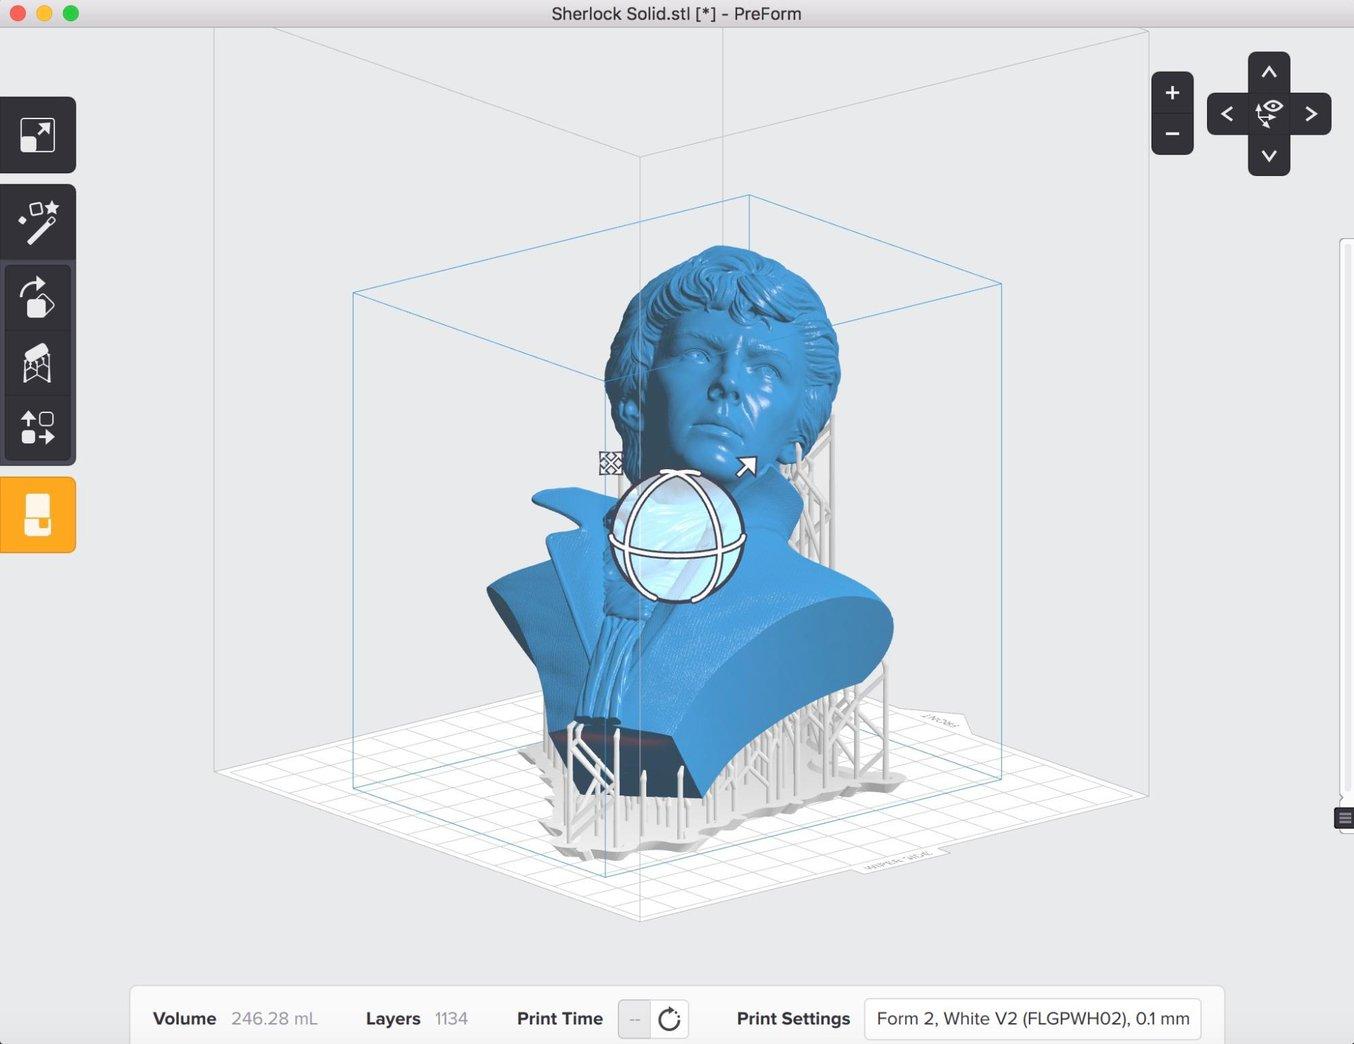 Orienta el modelo en PreForm para que la impresión se desarrolle lo mejor posible, teniendo en cuenta la ubicación de los posibles orificios de ventilación.